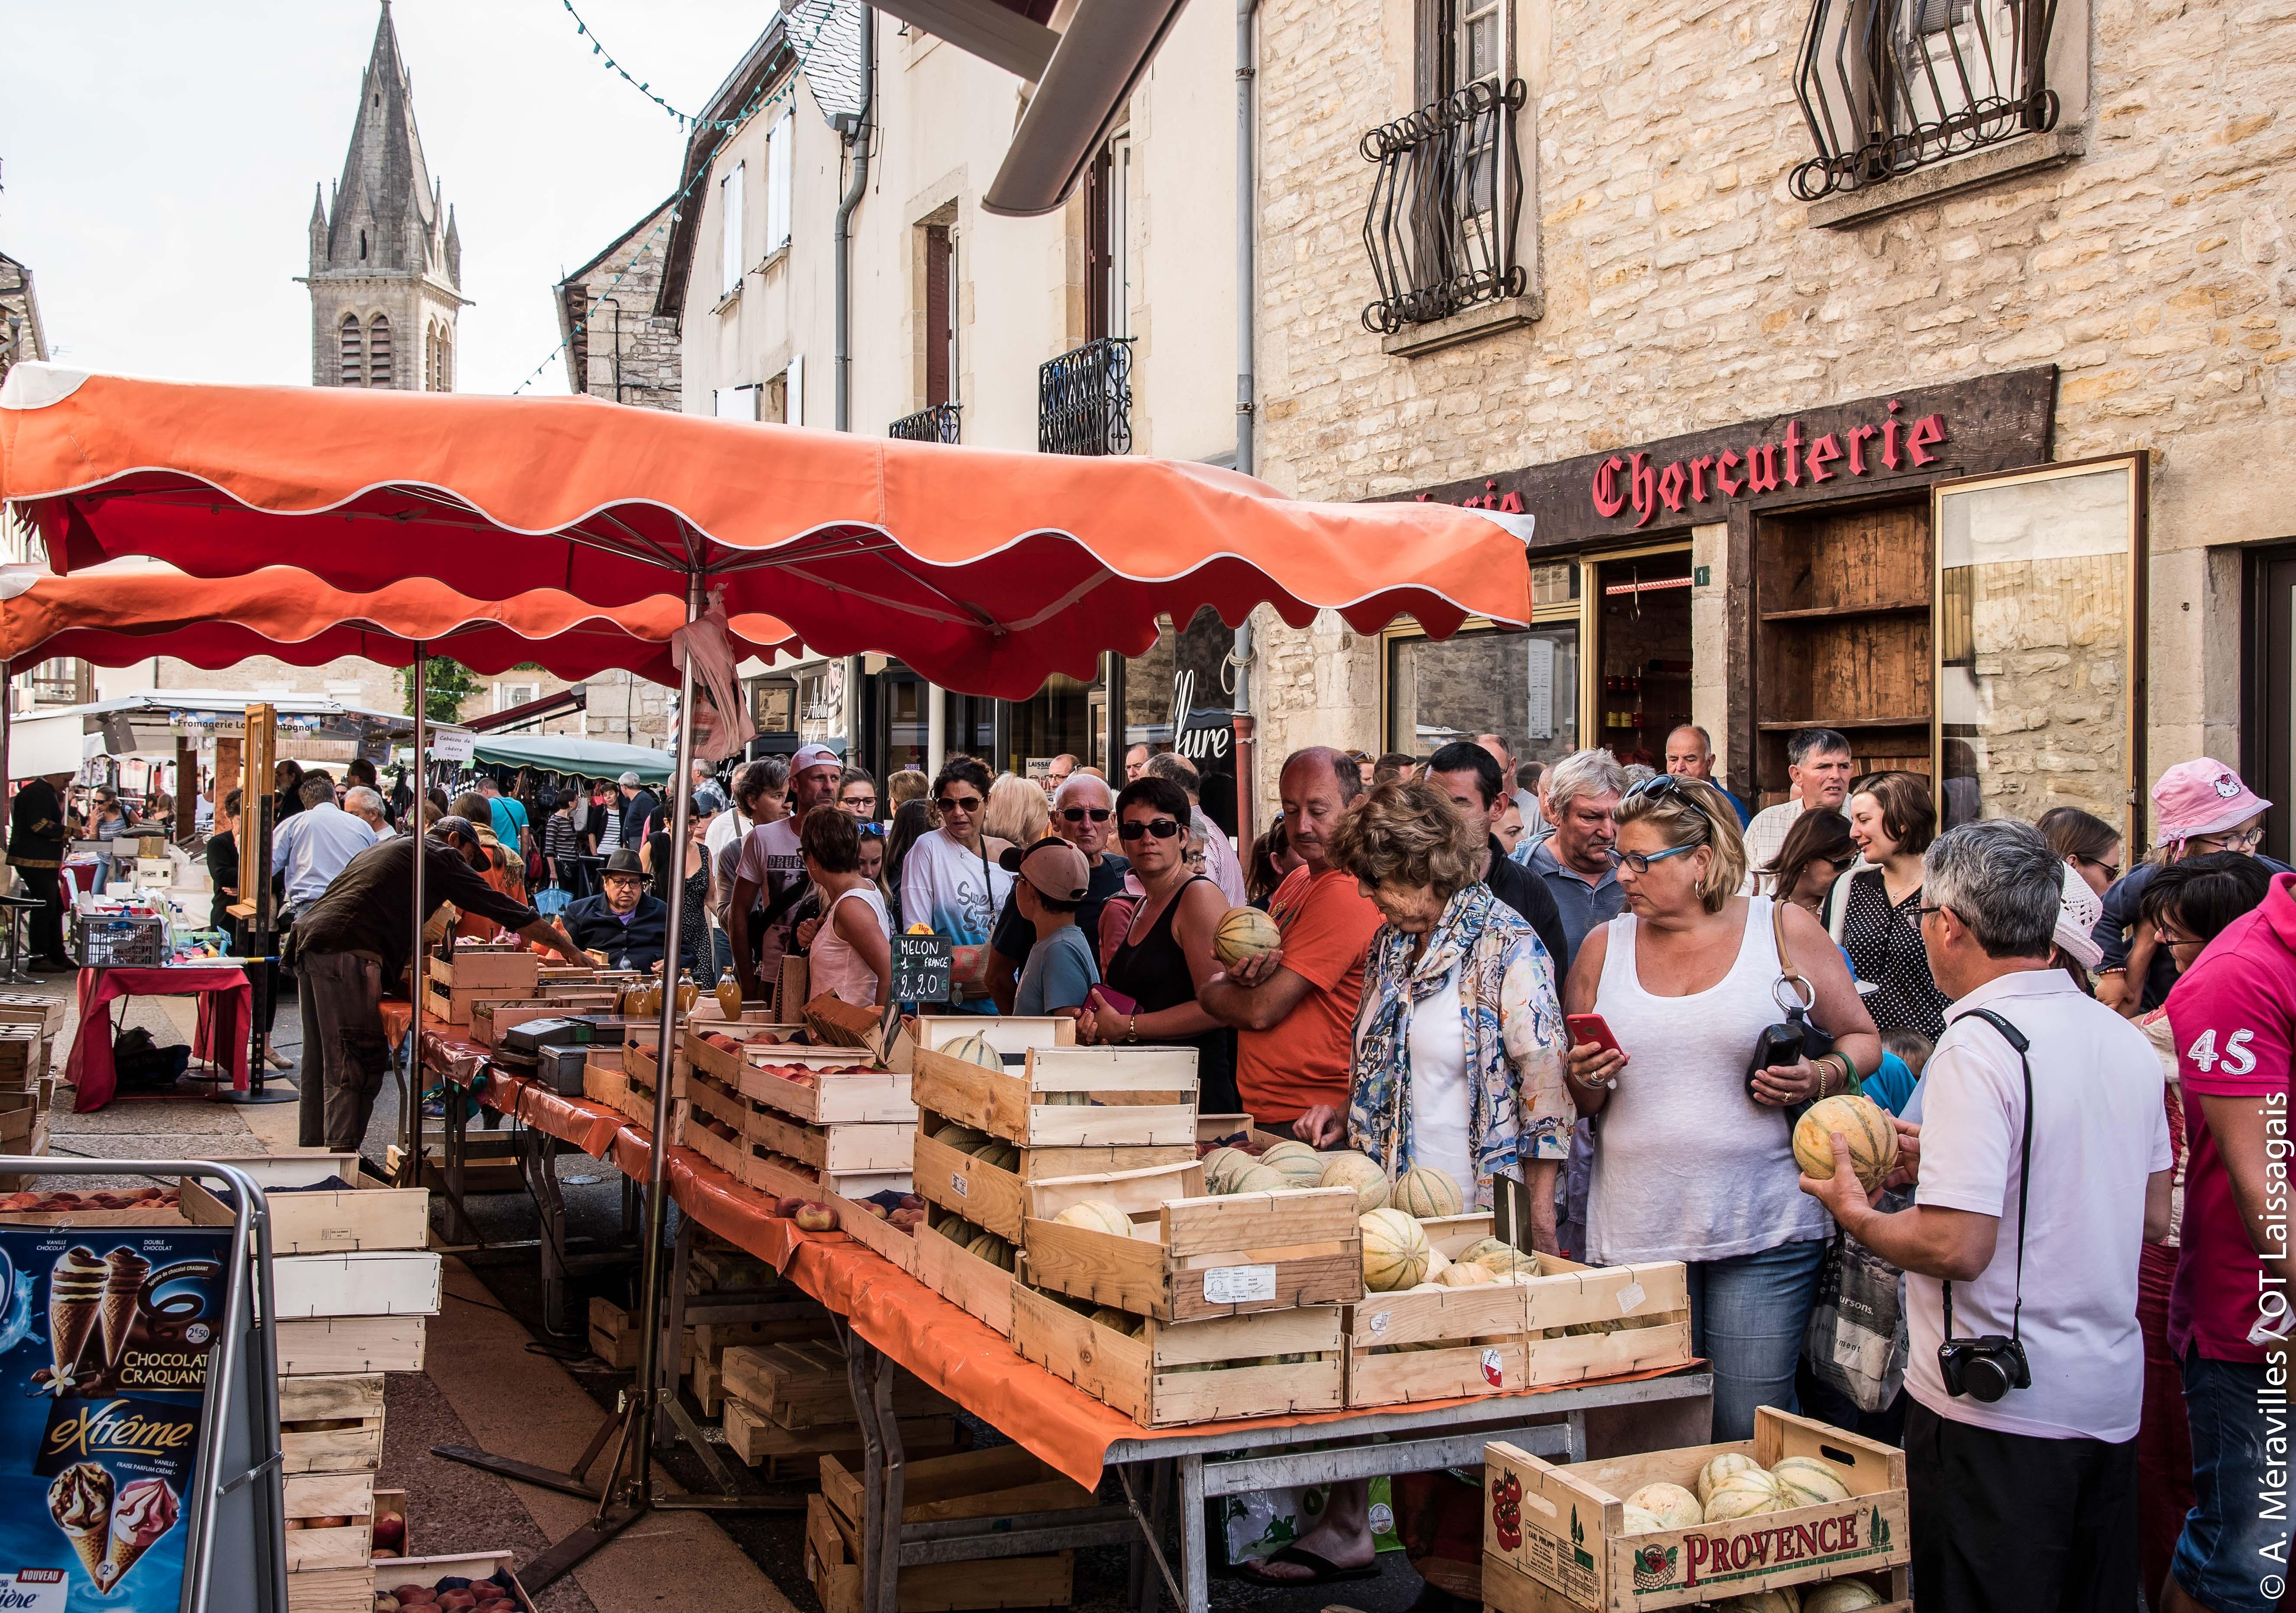 Marché de producteurs, Laissac, Aveyron © A. Méravilles / OT Laissagais